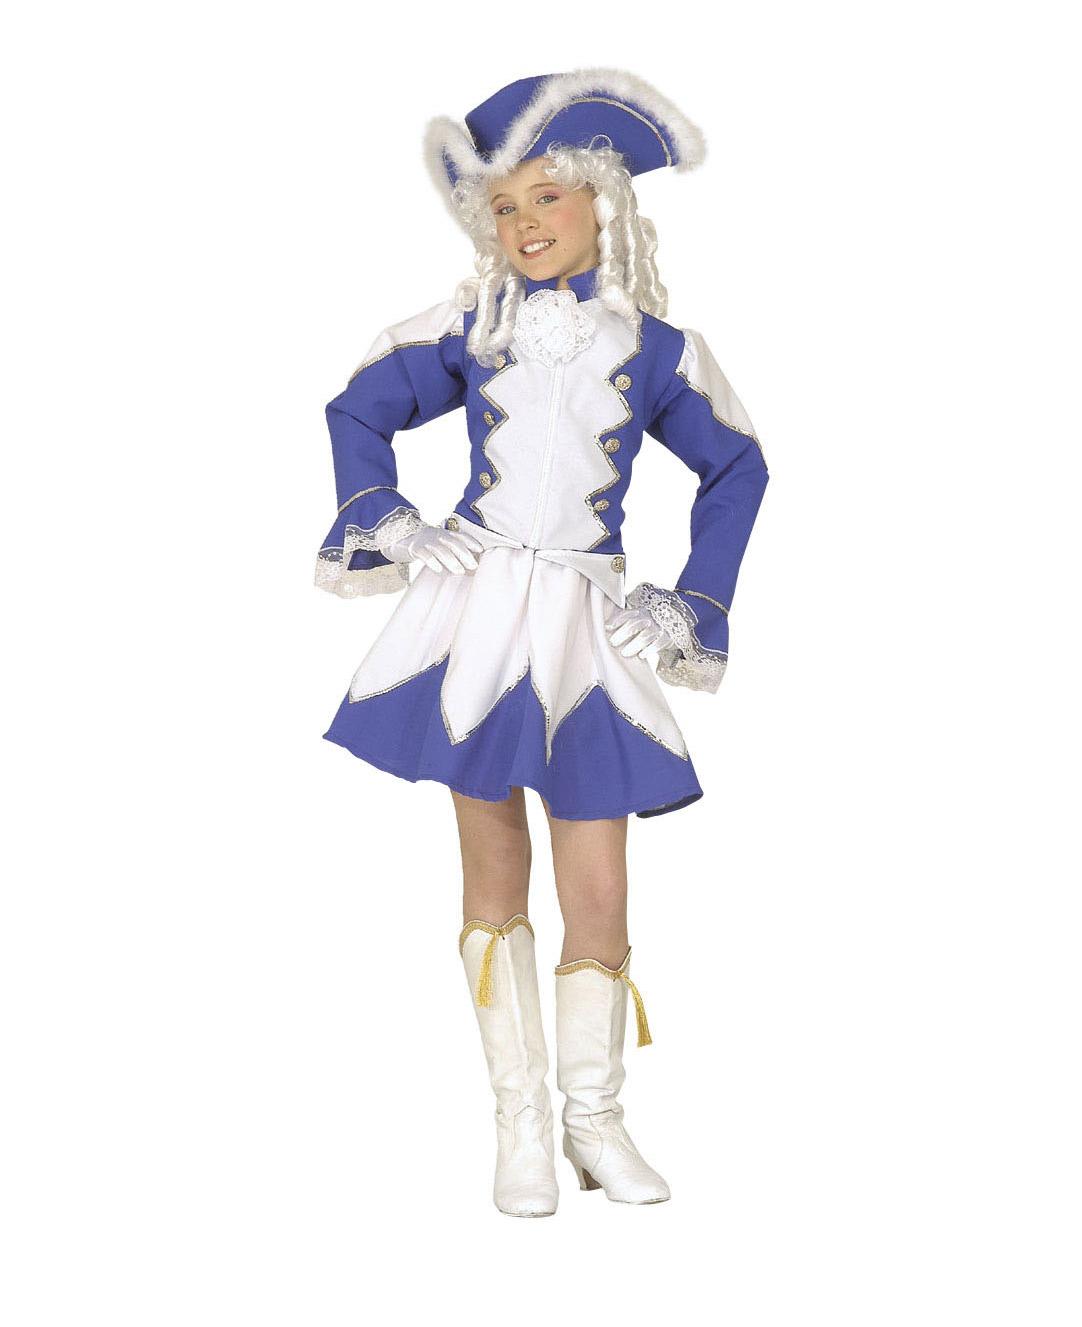 Wandfarben Fur Madchen 10: Blaues Tanzmariechen Kostüm Für Mädchen: Kostüme Für